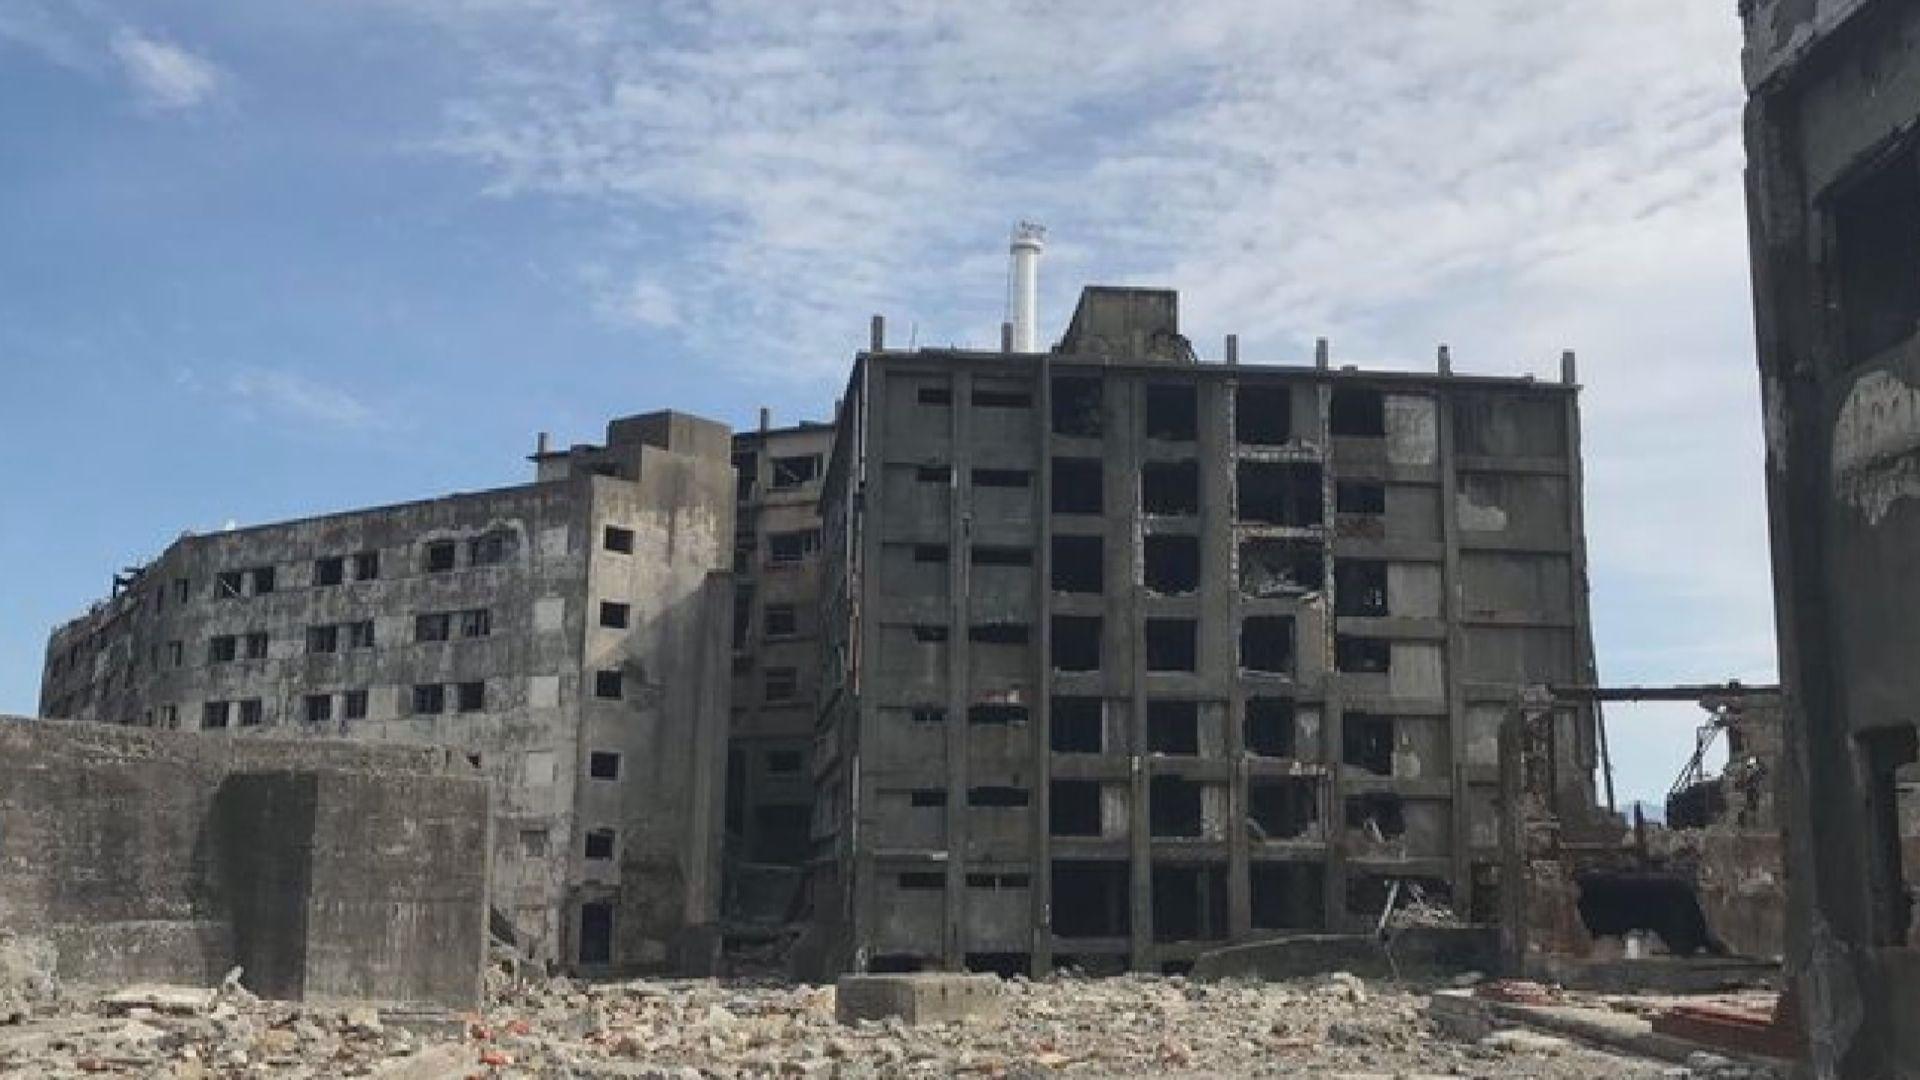 【環球薈報】日本最古老鋼筋水泥建築「30號樓」被颱風吹毀